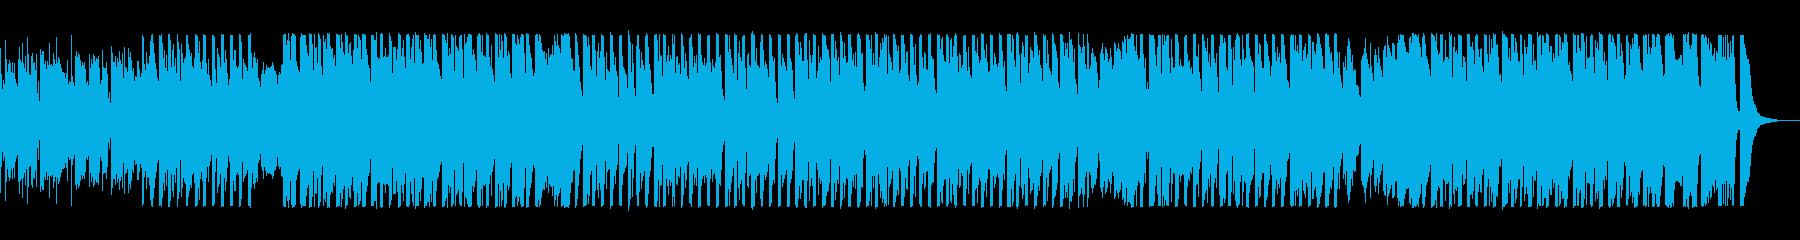 映像に合う疾走感のあるエレクトロの再生済みの波形